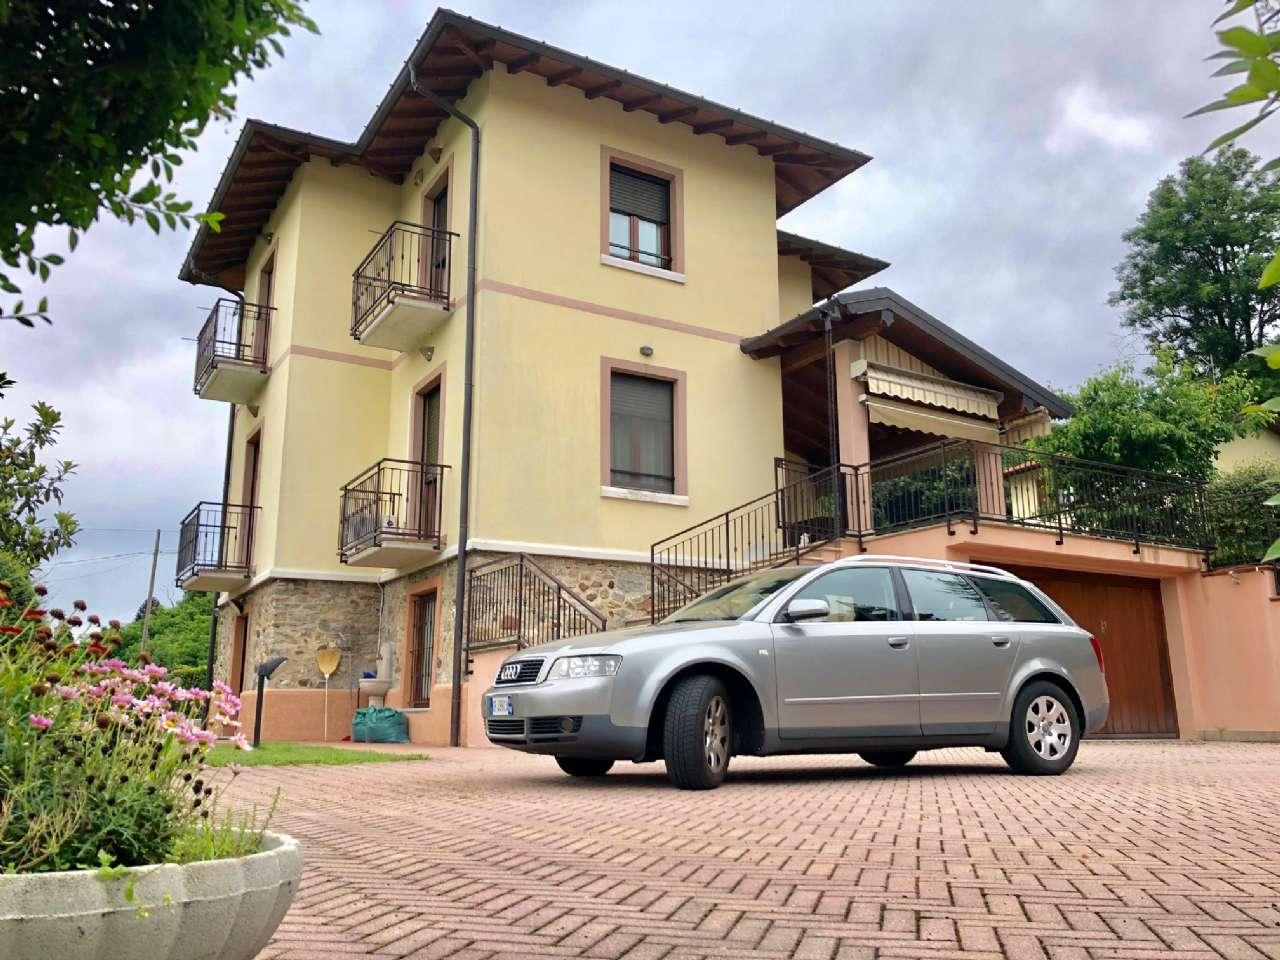 Villa in vendita a Marchirolo, 6 locali, prezzo € 620.000   PortaleAgenzieImmobiliari.it